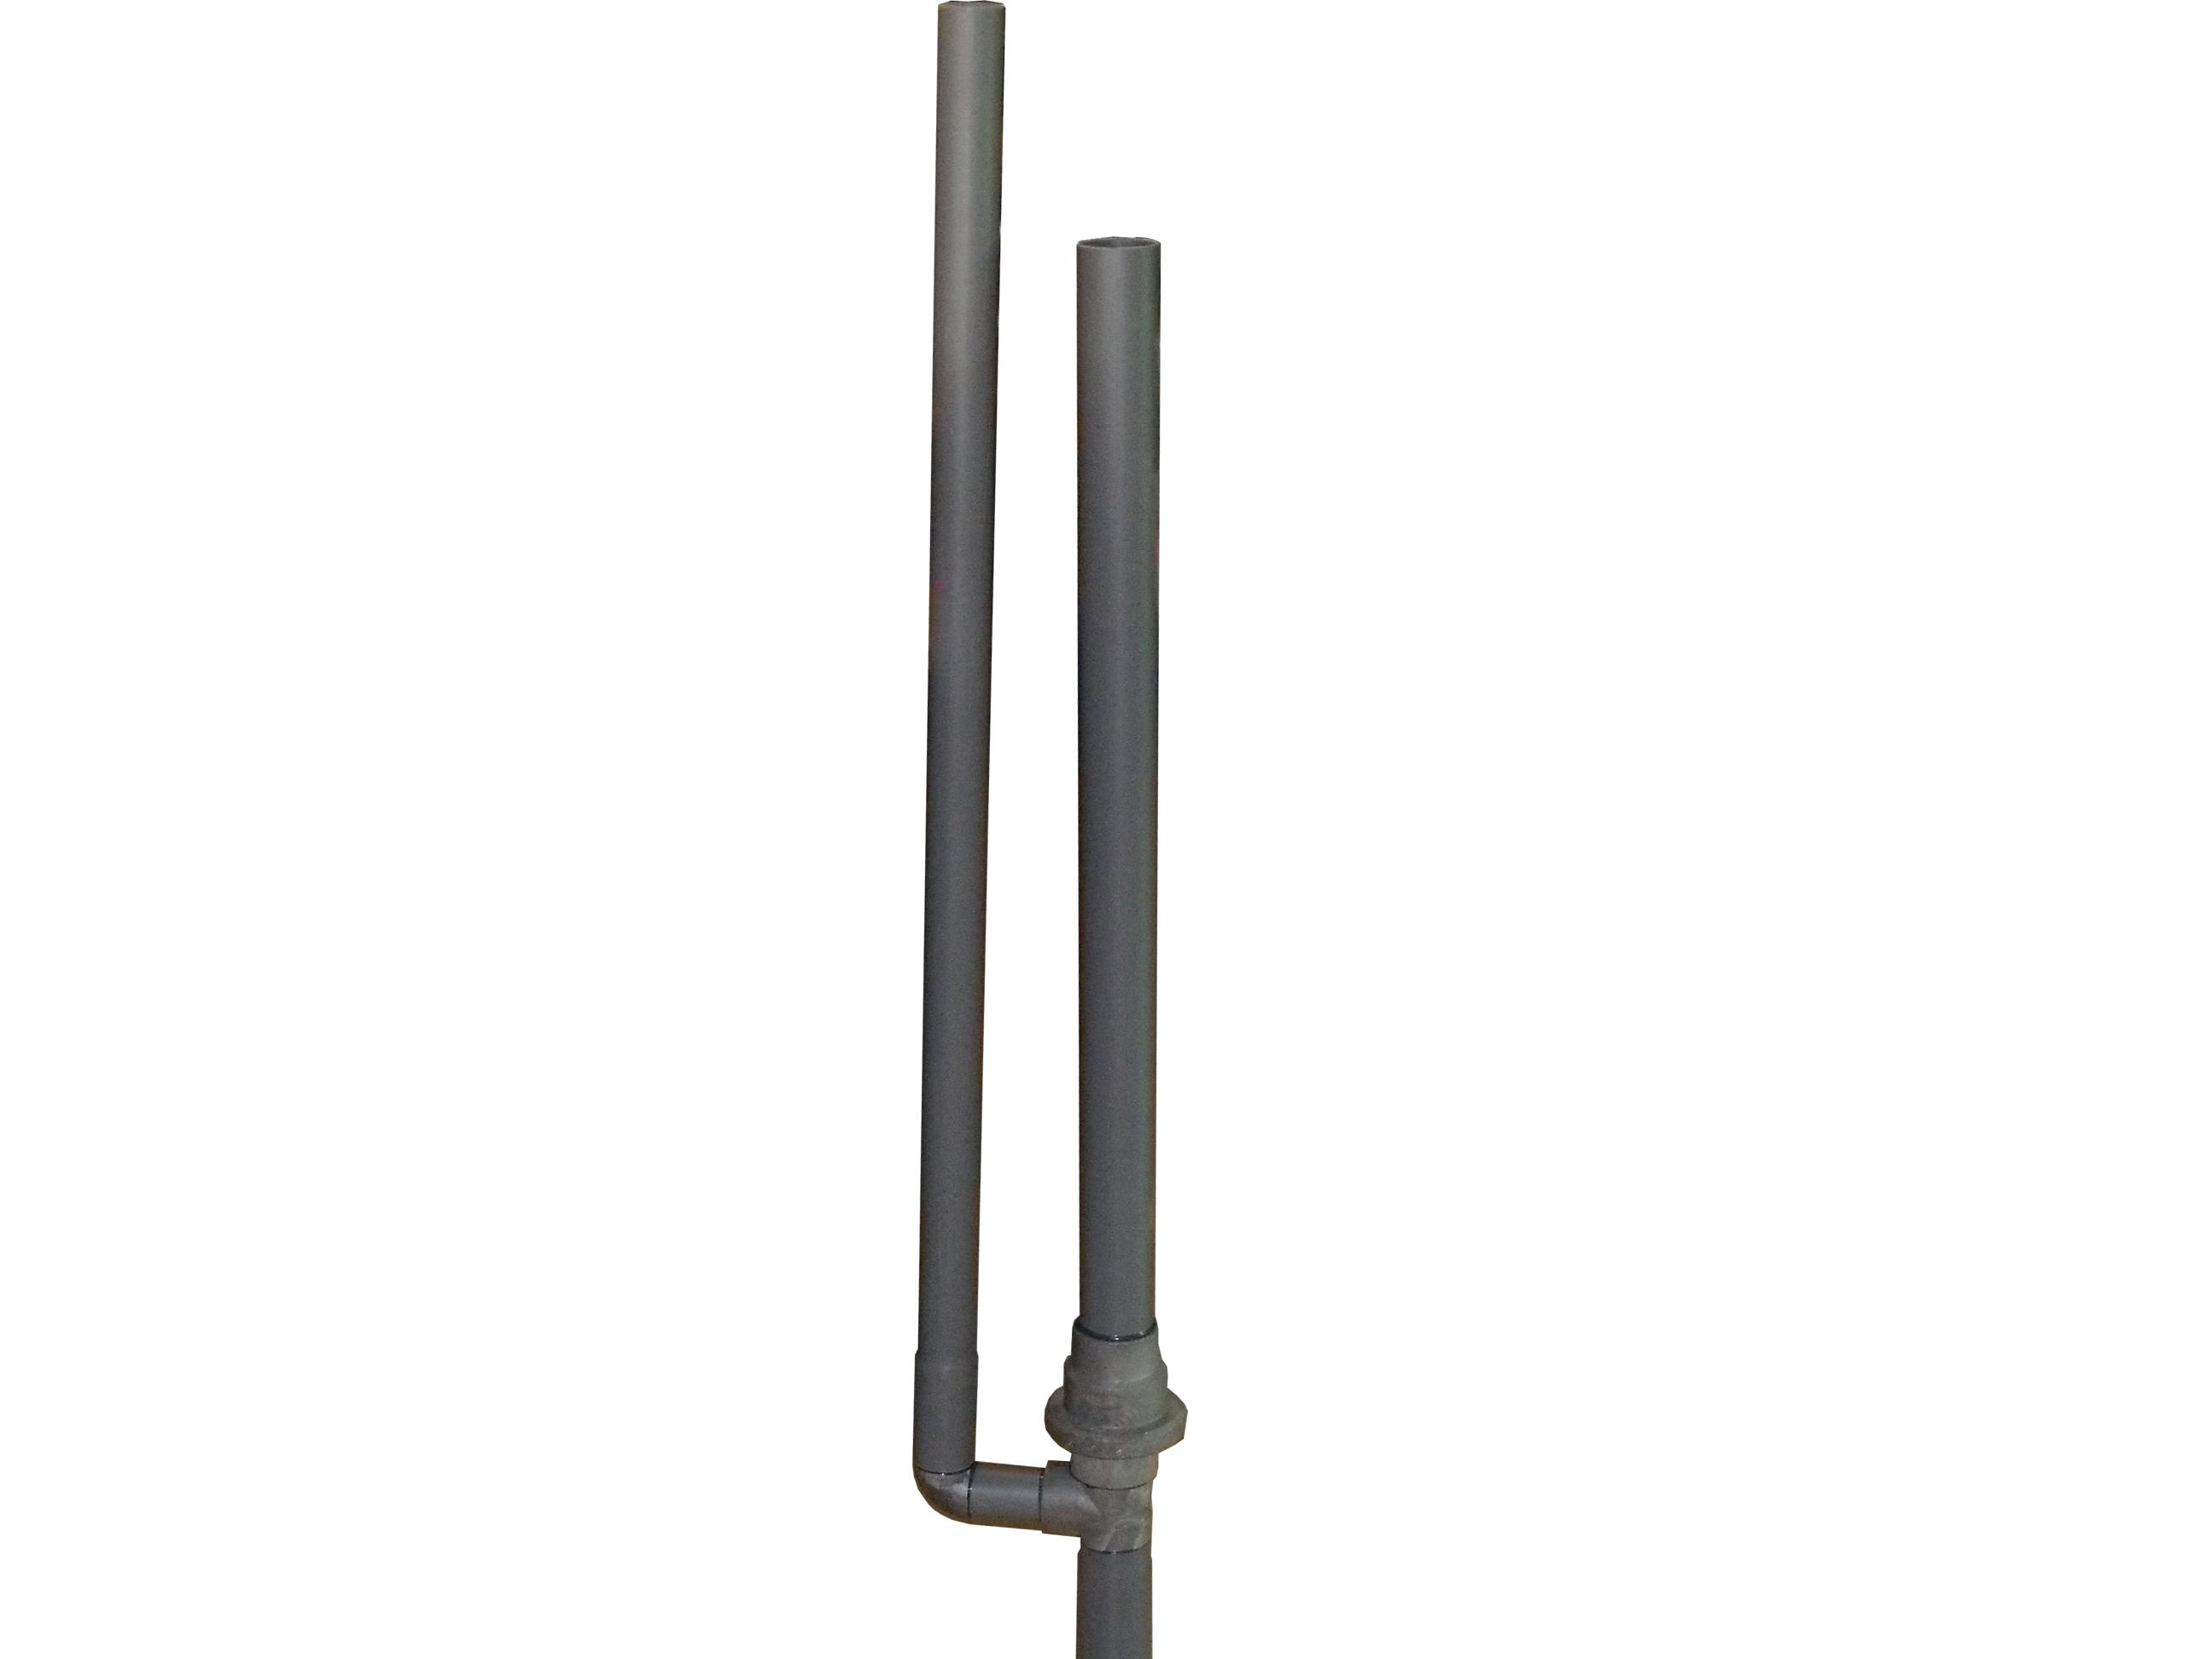 Kútfej D40 norton kútra PVC